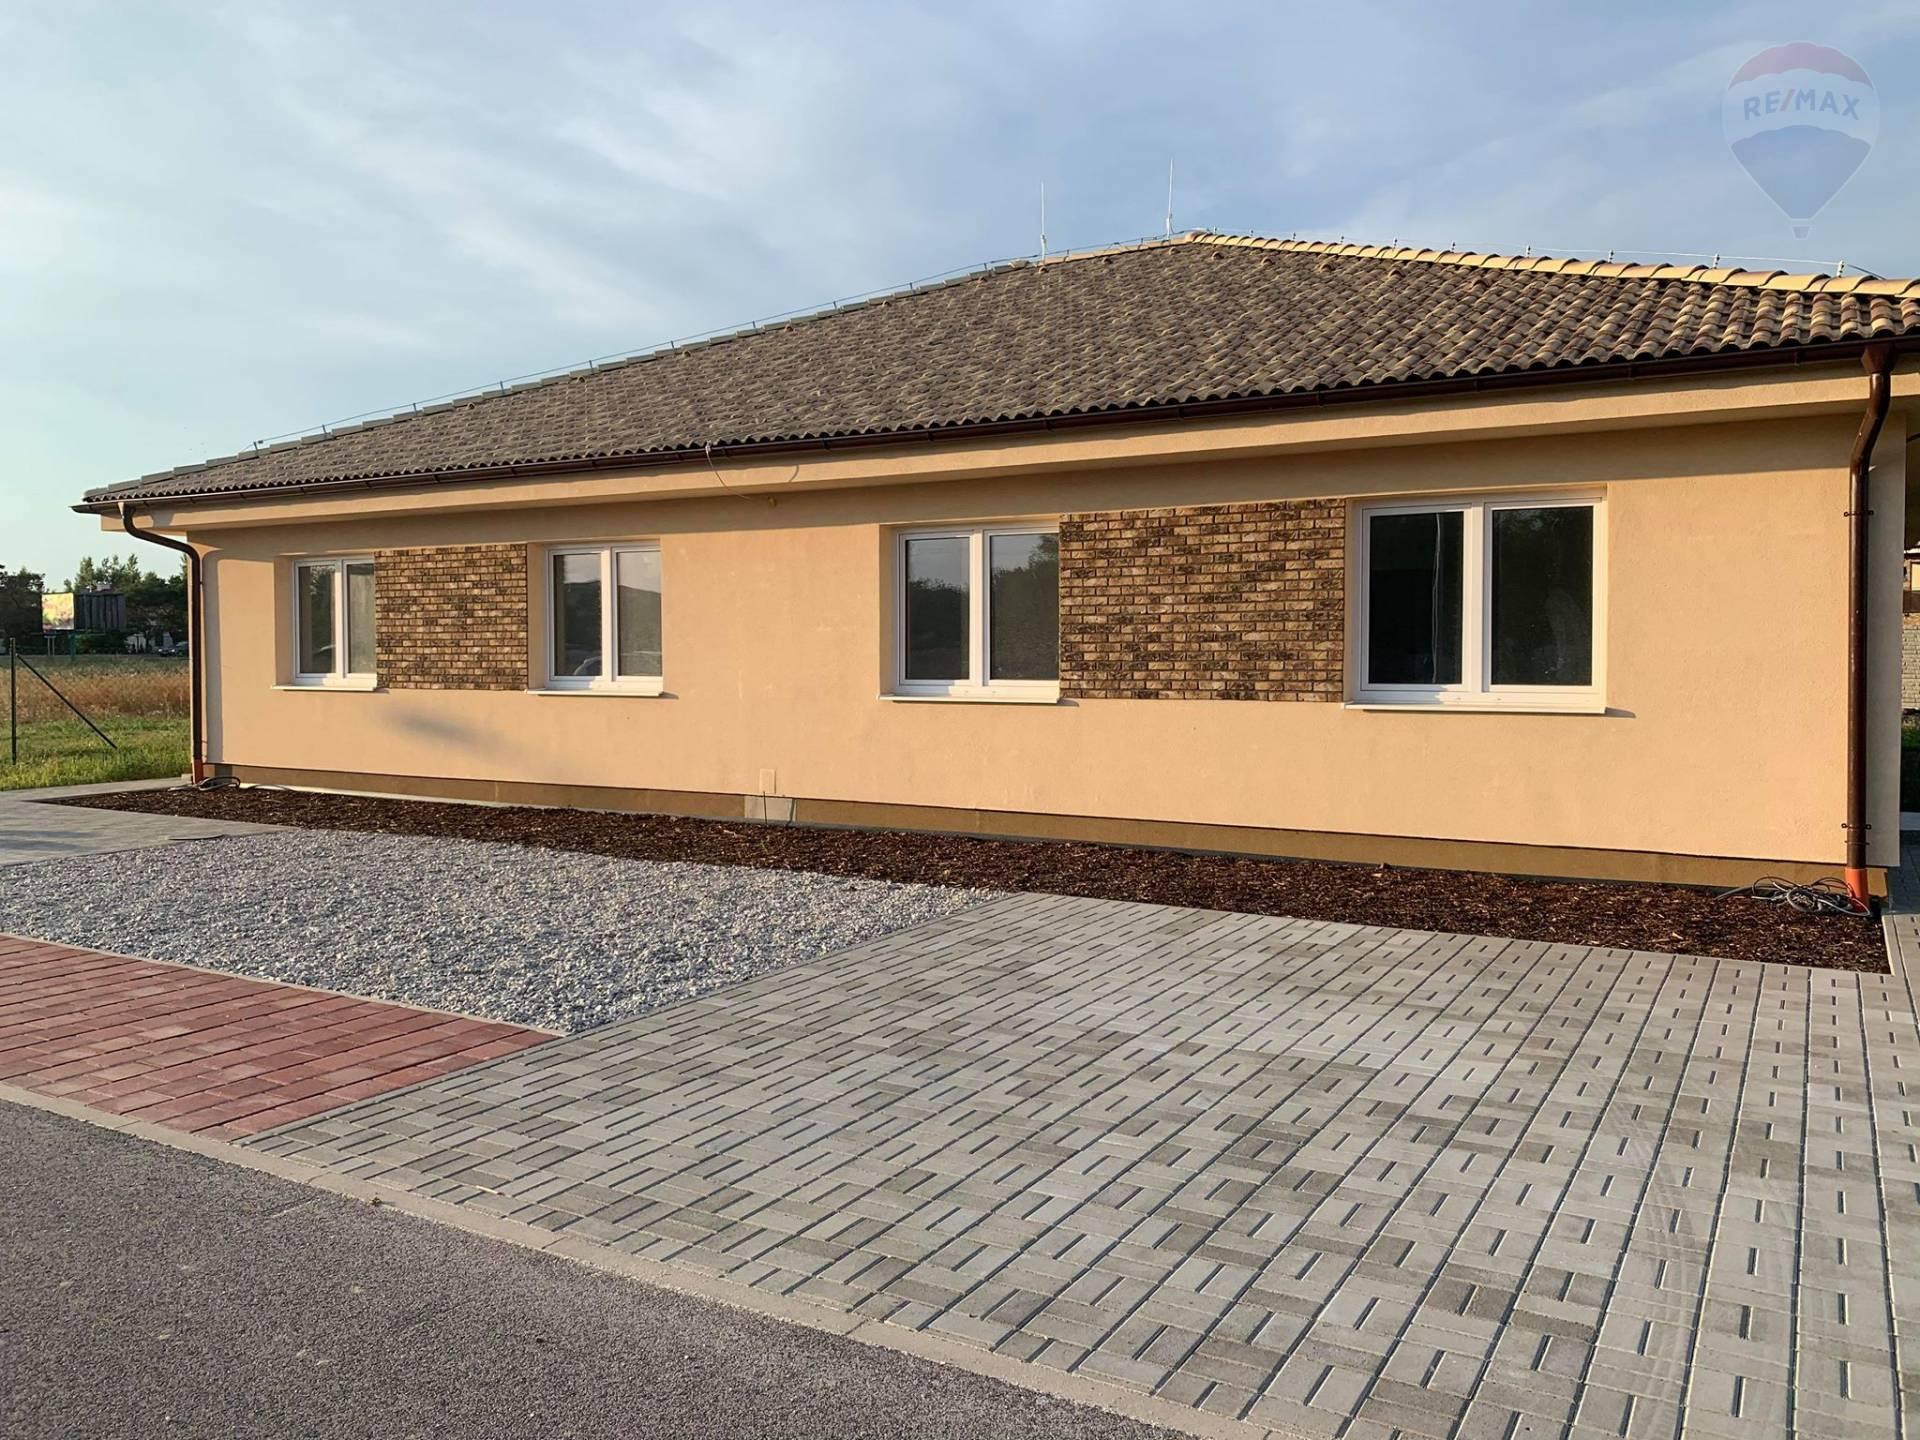 Predaj: 4 izbový rodinný dom, novostavba, Dunajksá Streda